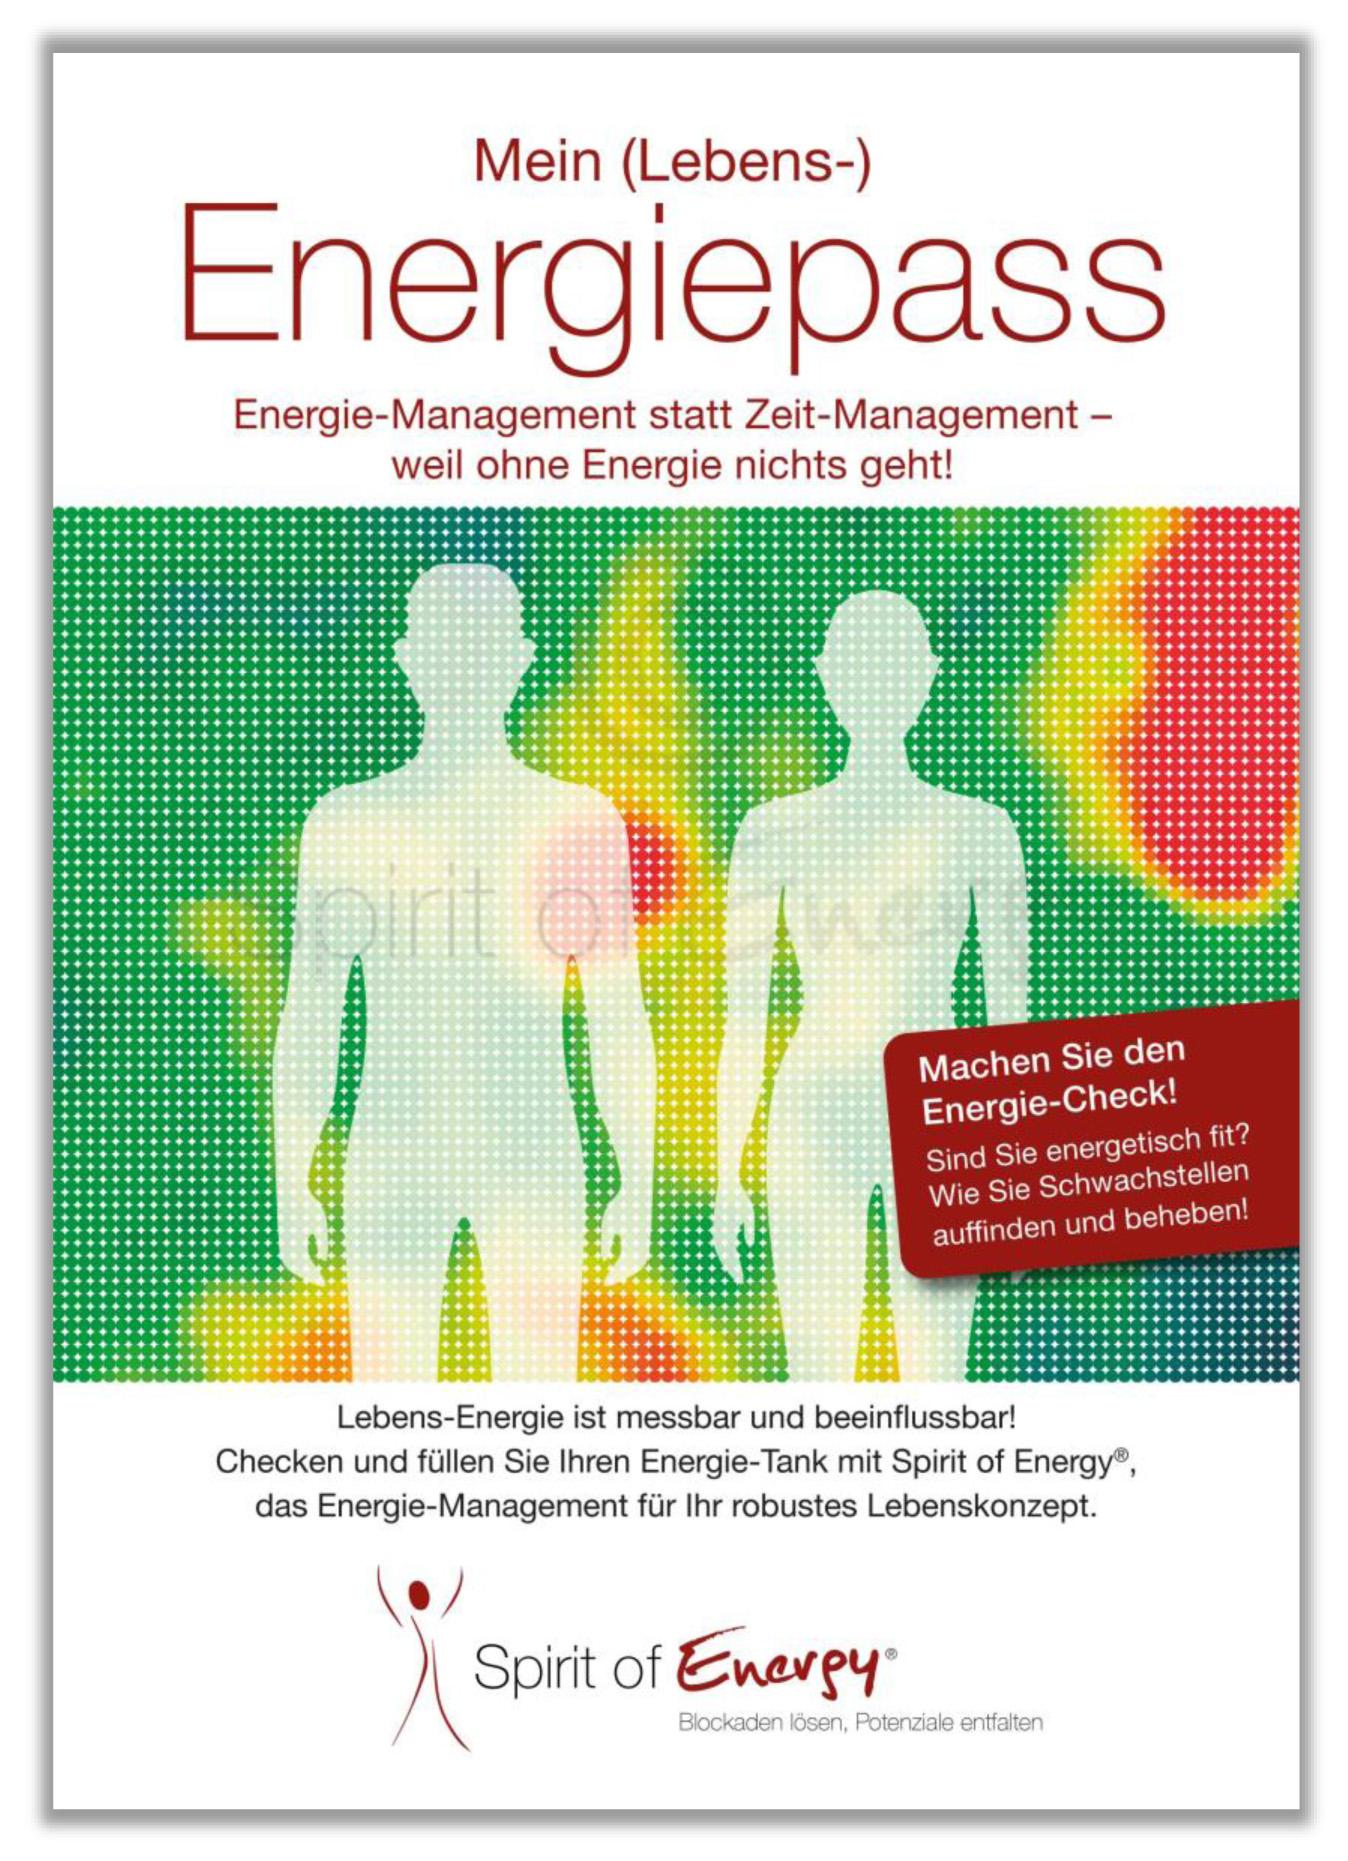 Energiepass öffnen